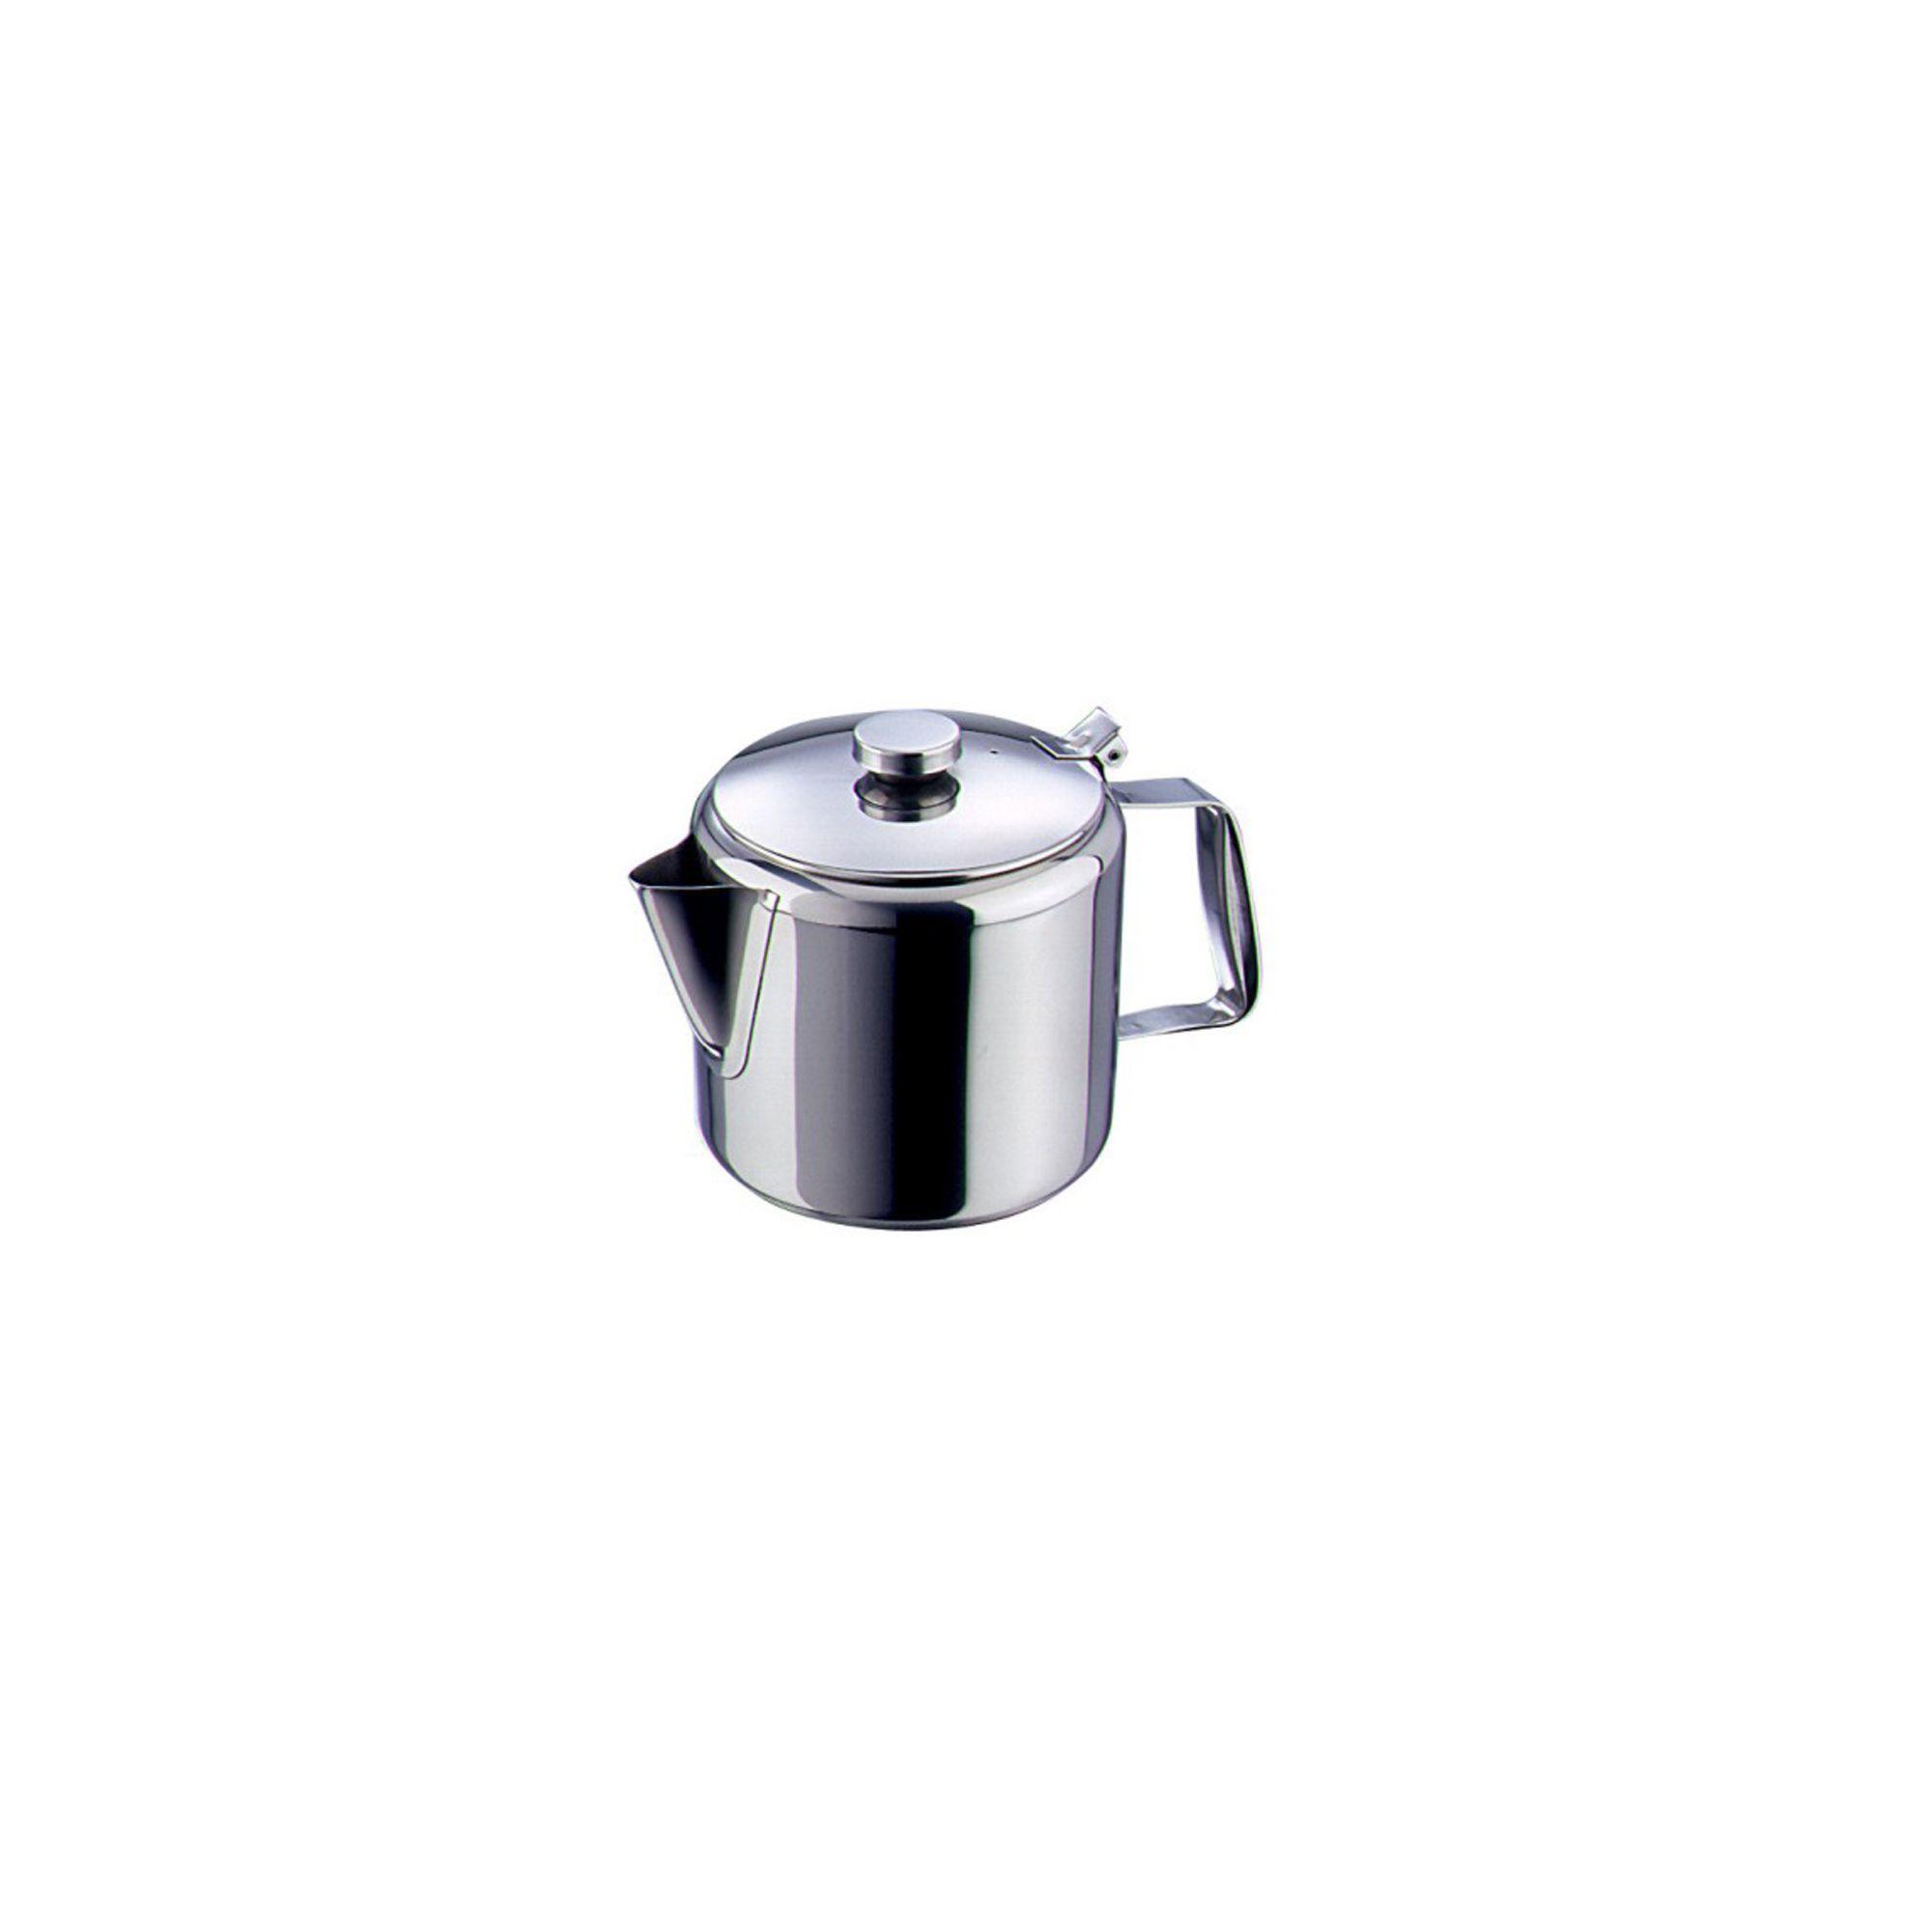 Zodiac 11038 Sunnex Teapot S/S 12Oz